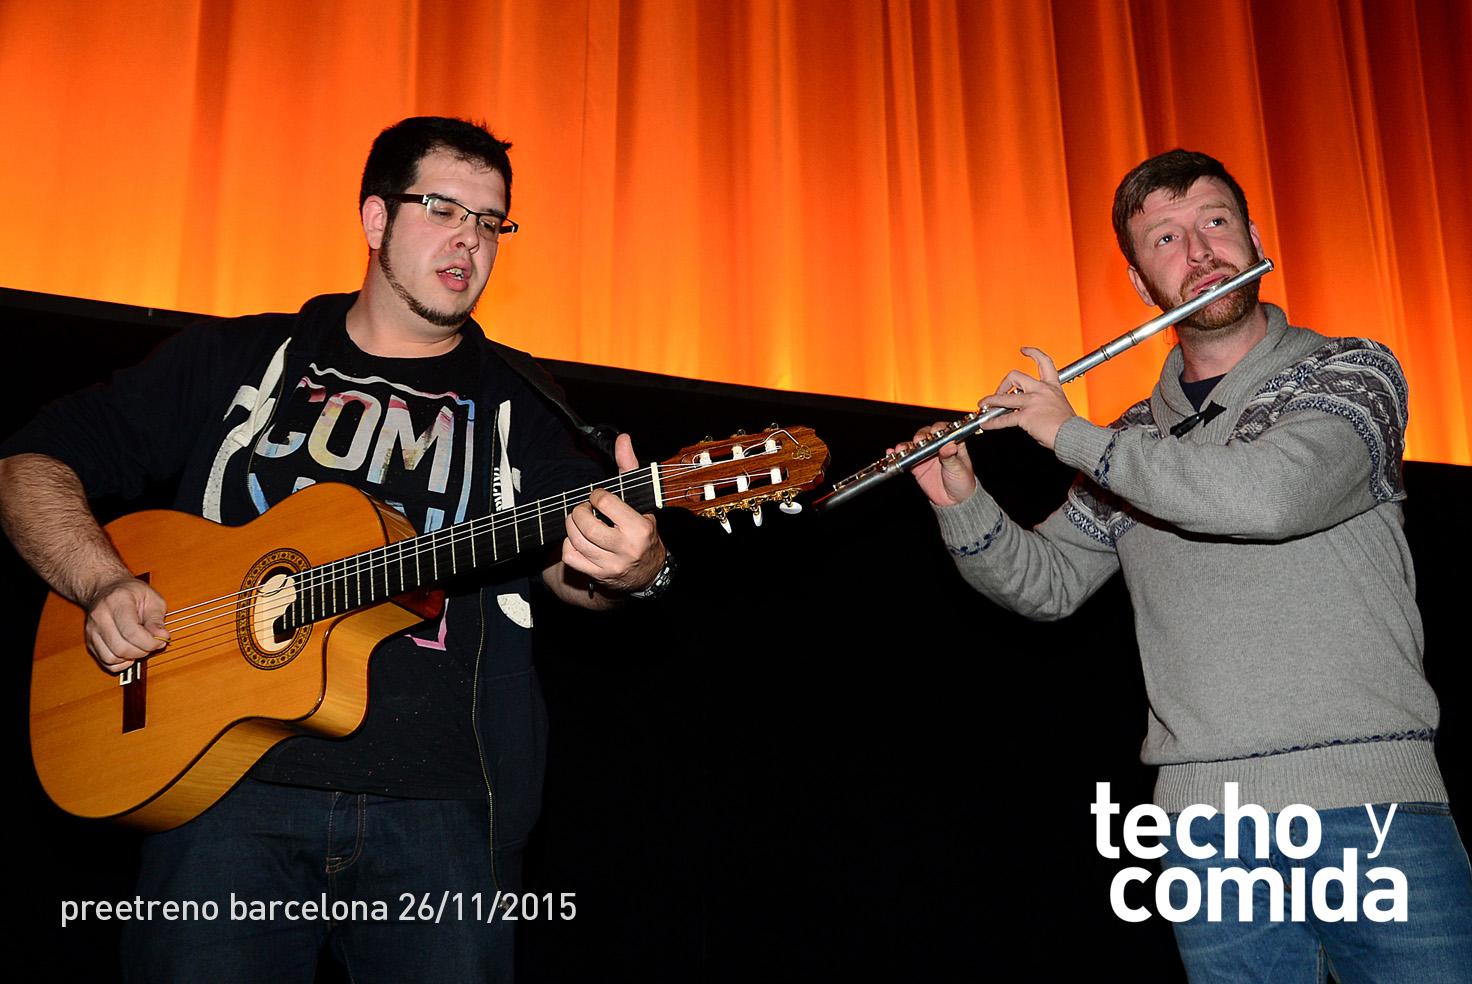 Barcelona_015_Techo y comida